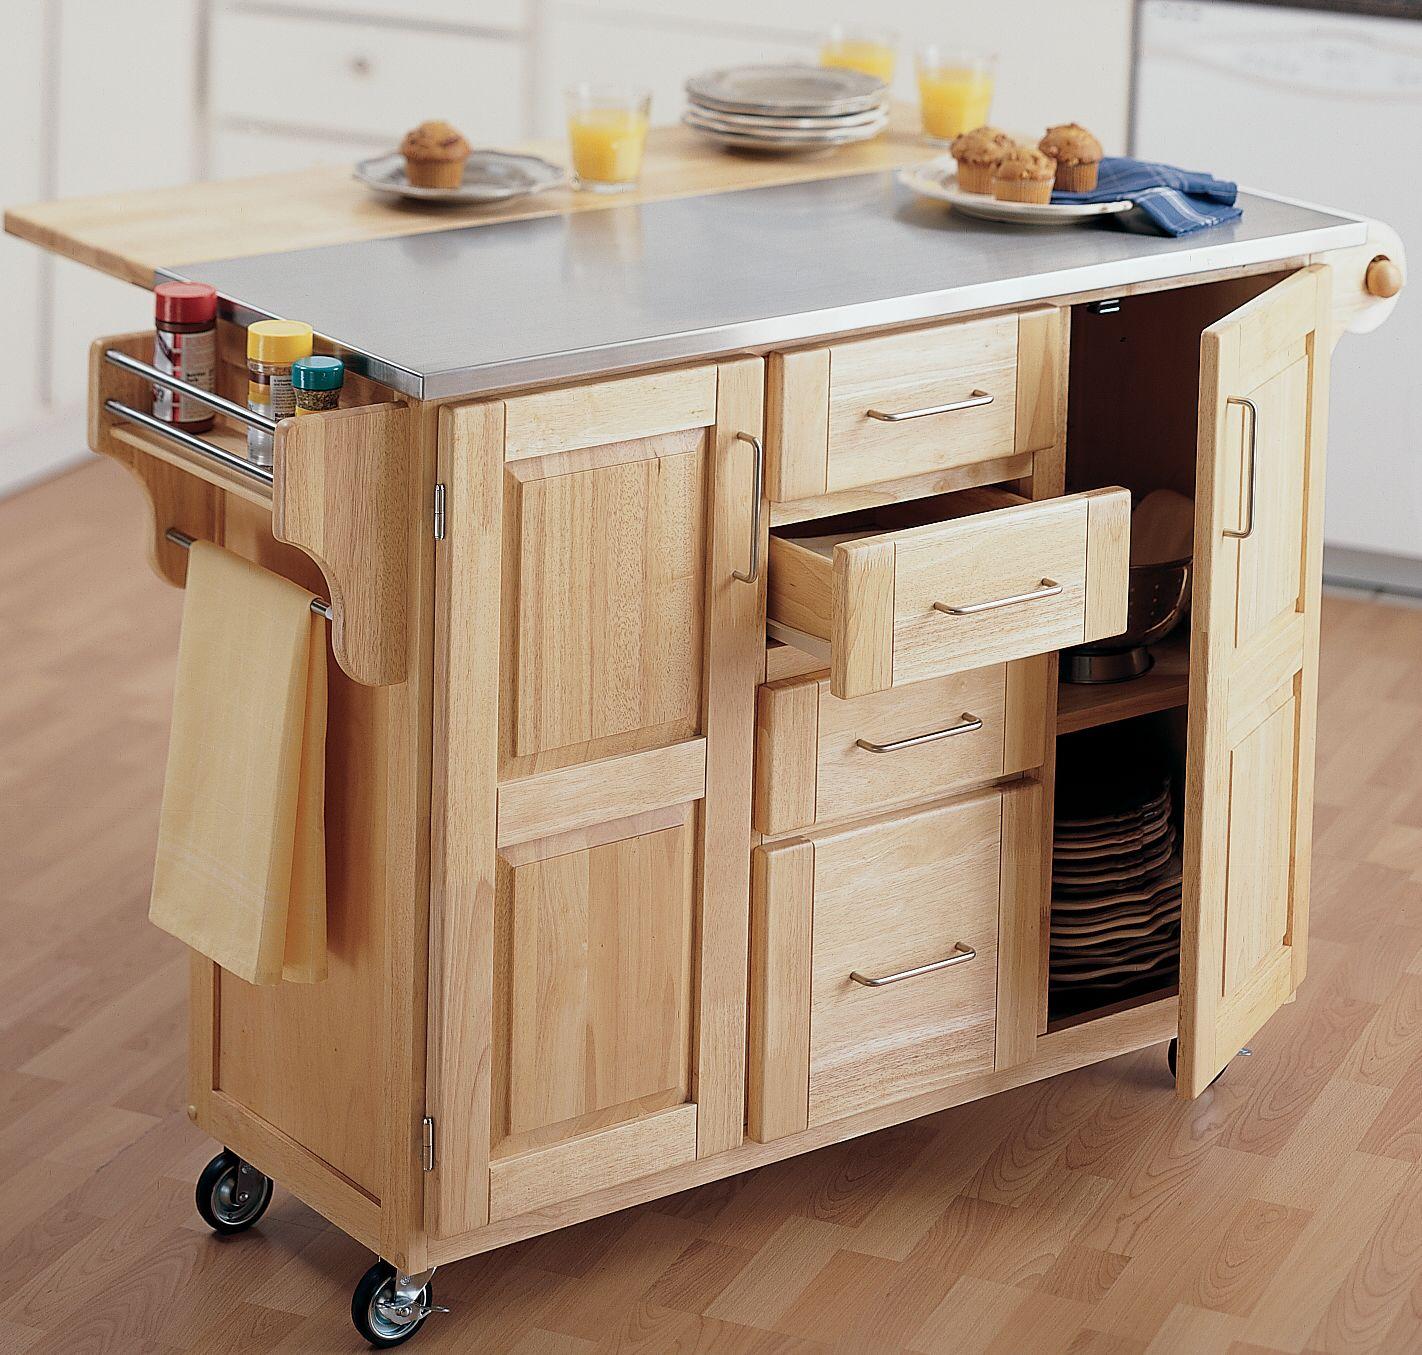 Photo Source: furnitureideas